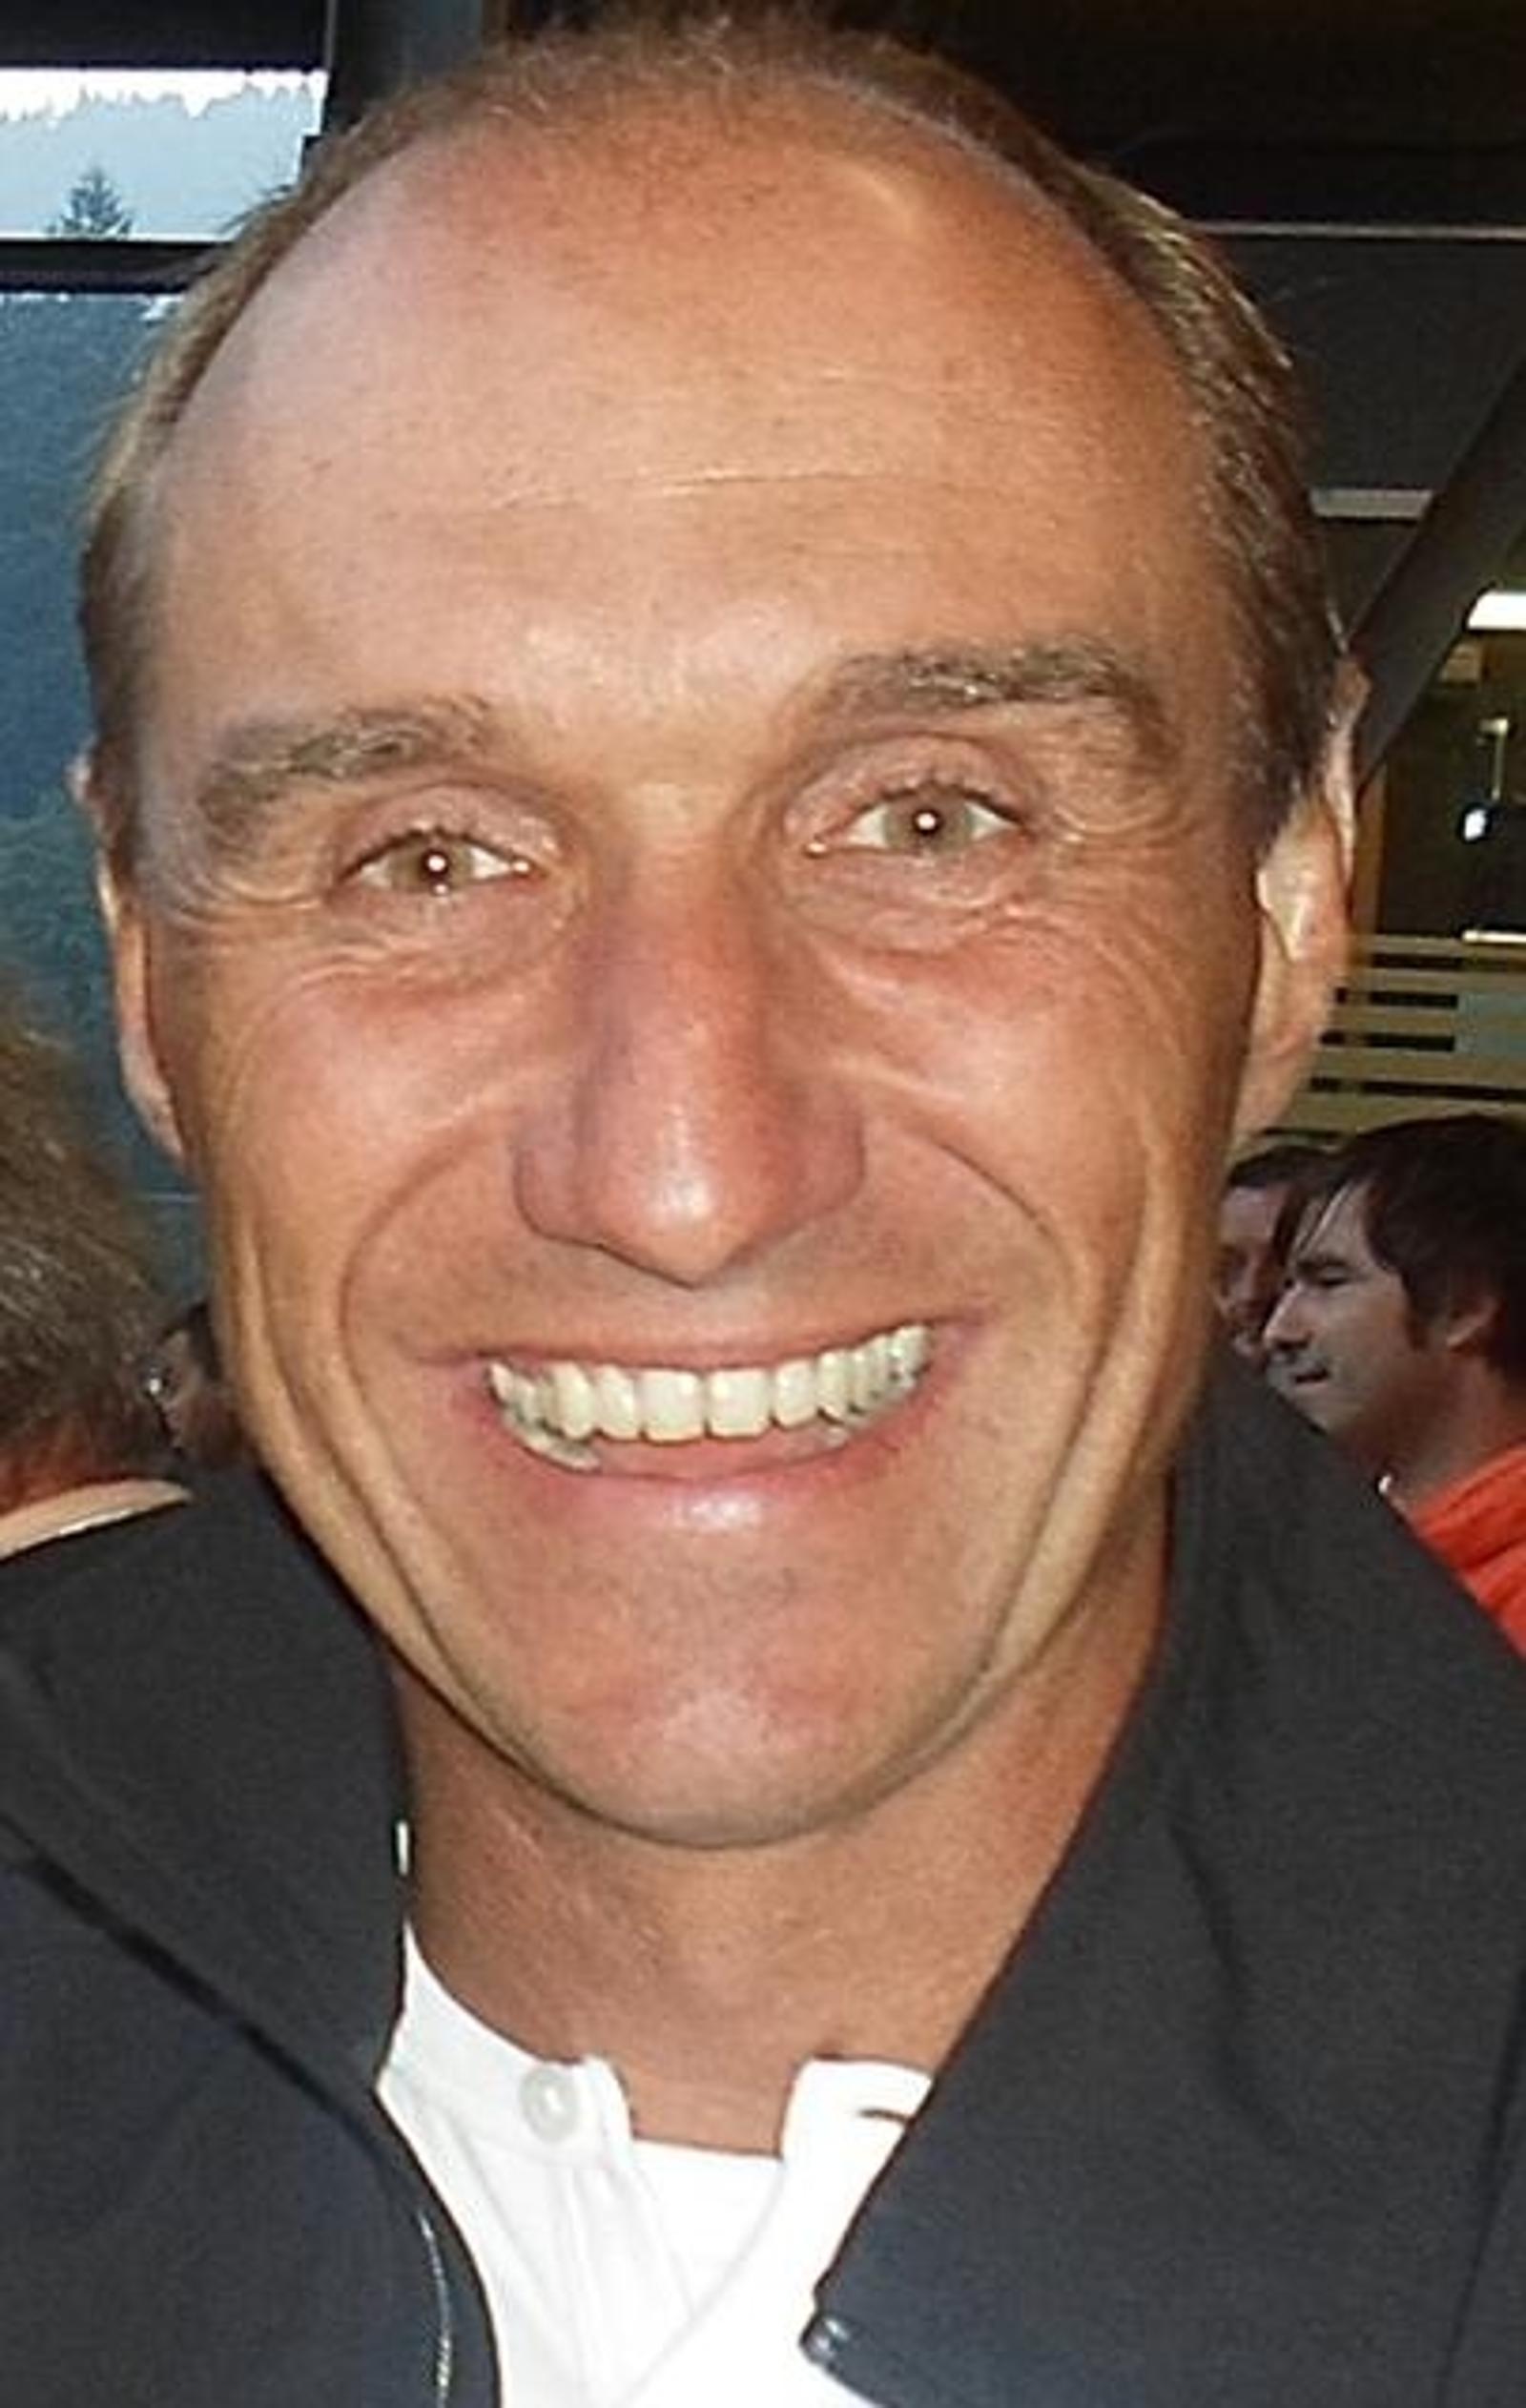 VL Südbaden: Stefan Gerber Feiert Am 2. März 2017 Seinen 50. Geburtstag!    Südbadens Doppelpass